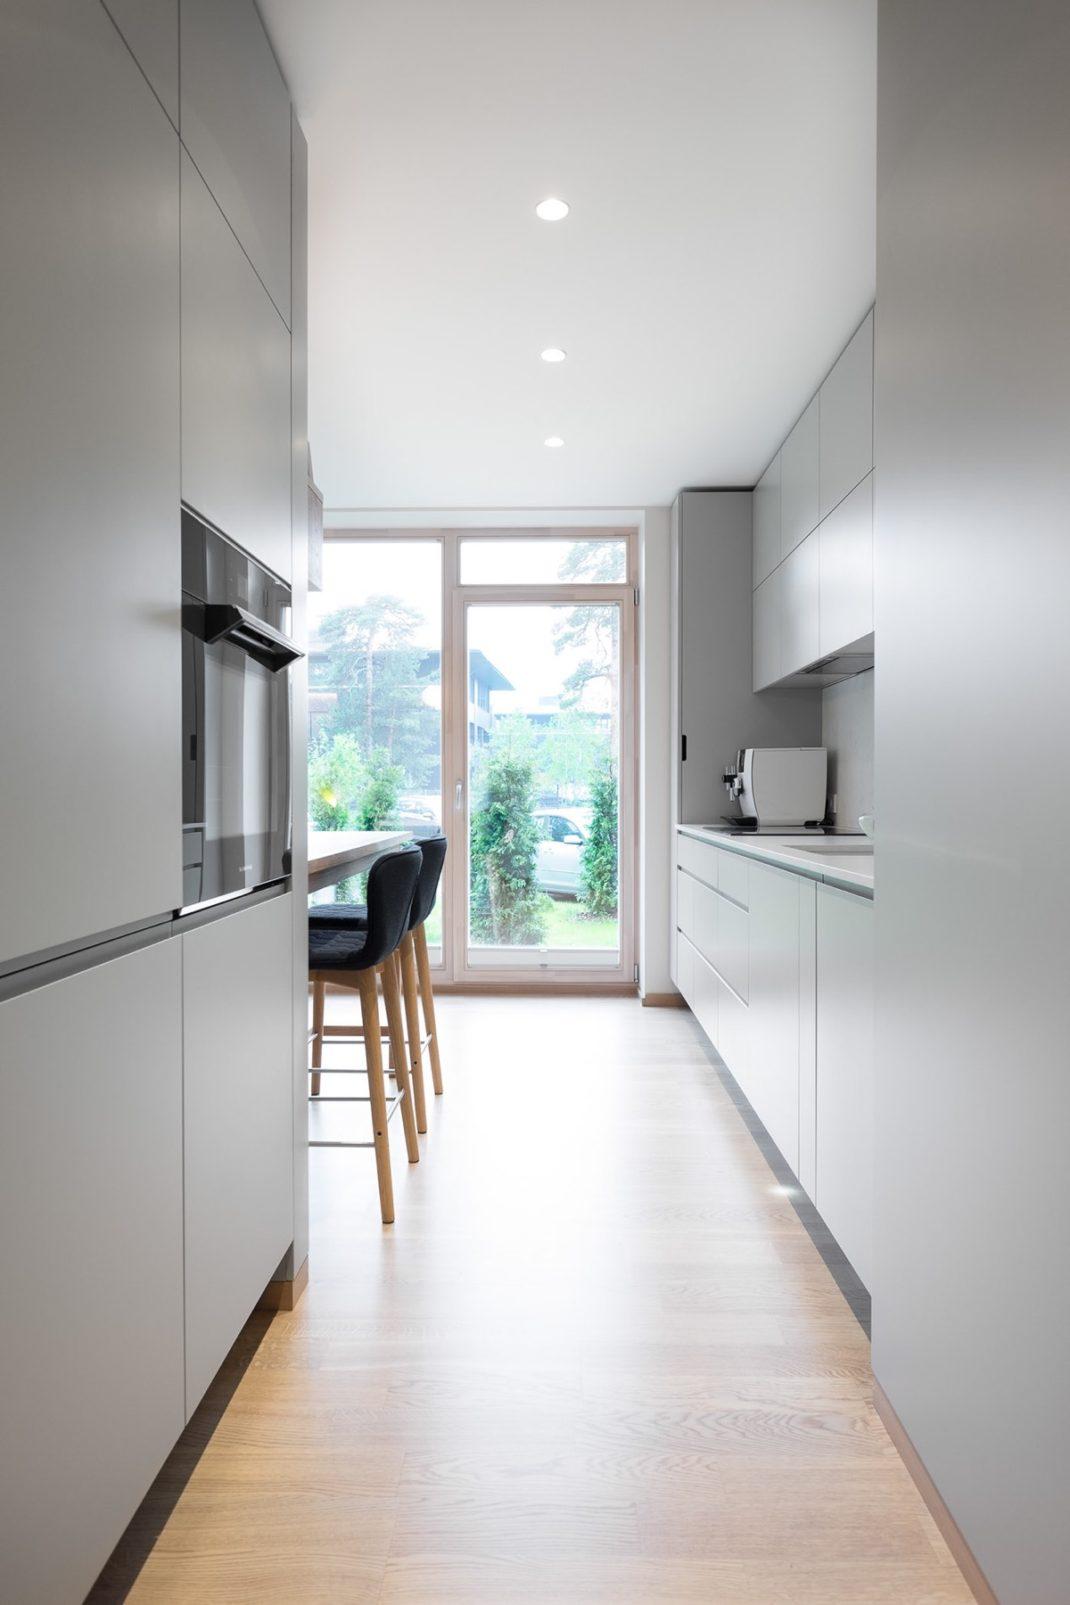 Ines k rma nous d voile une maison minimaliste aux for Une maison minimaliste